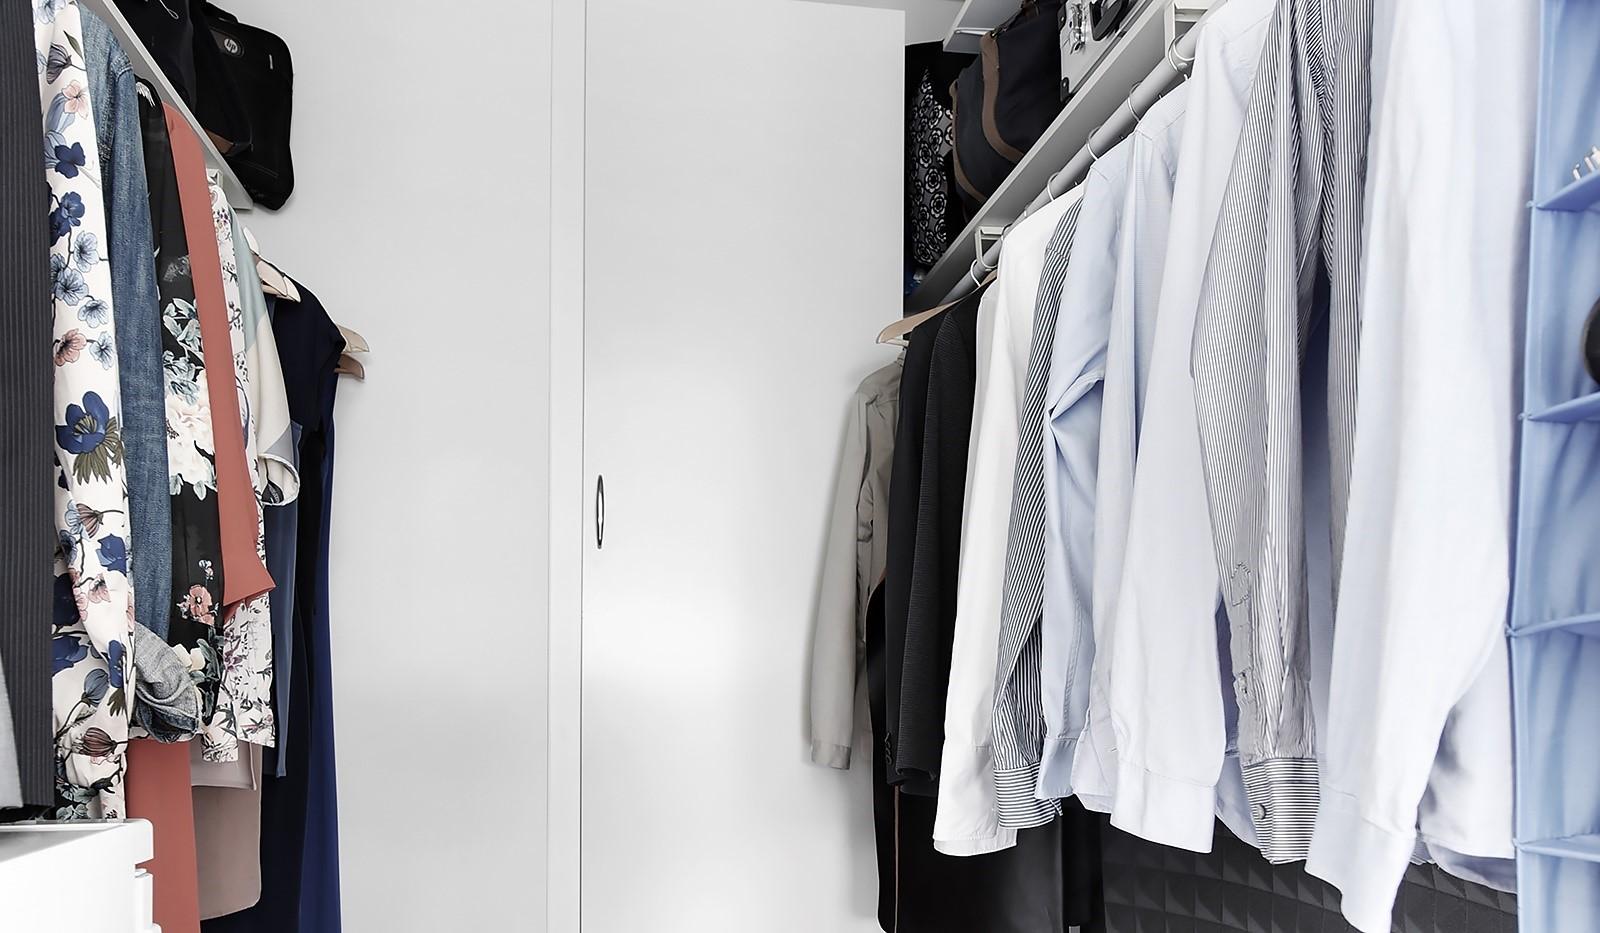 Liljeholmstorget 18, 3 tr - Klädkammaren rymmer säsongens alla kläder